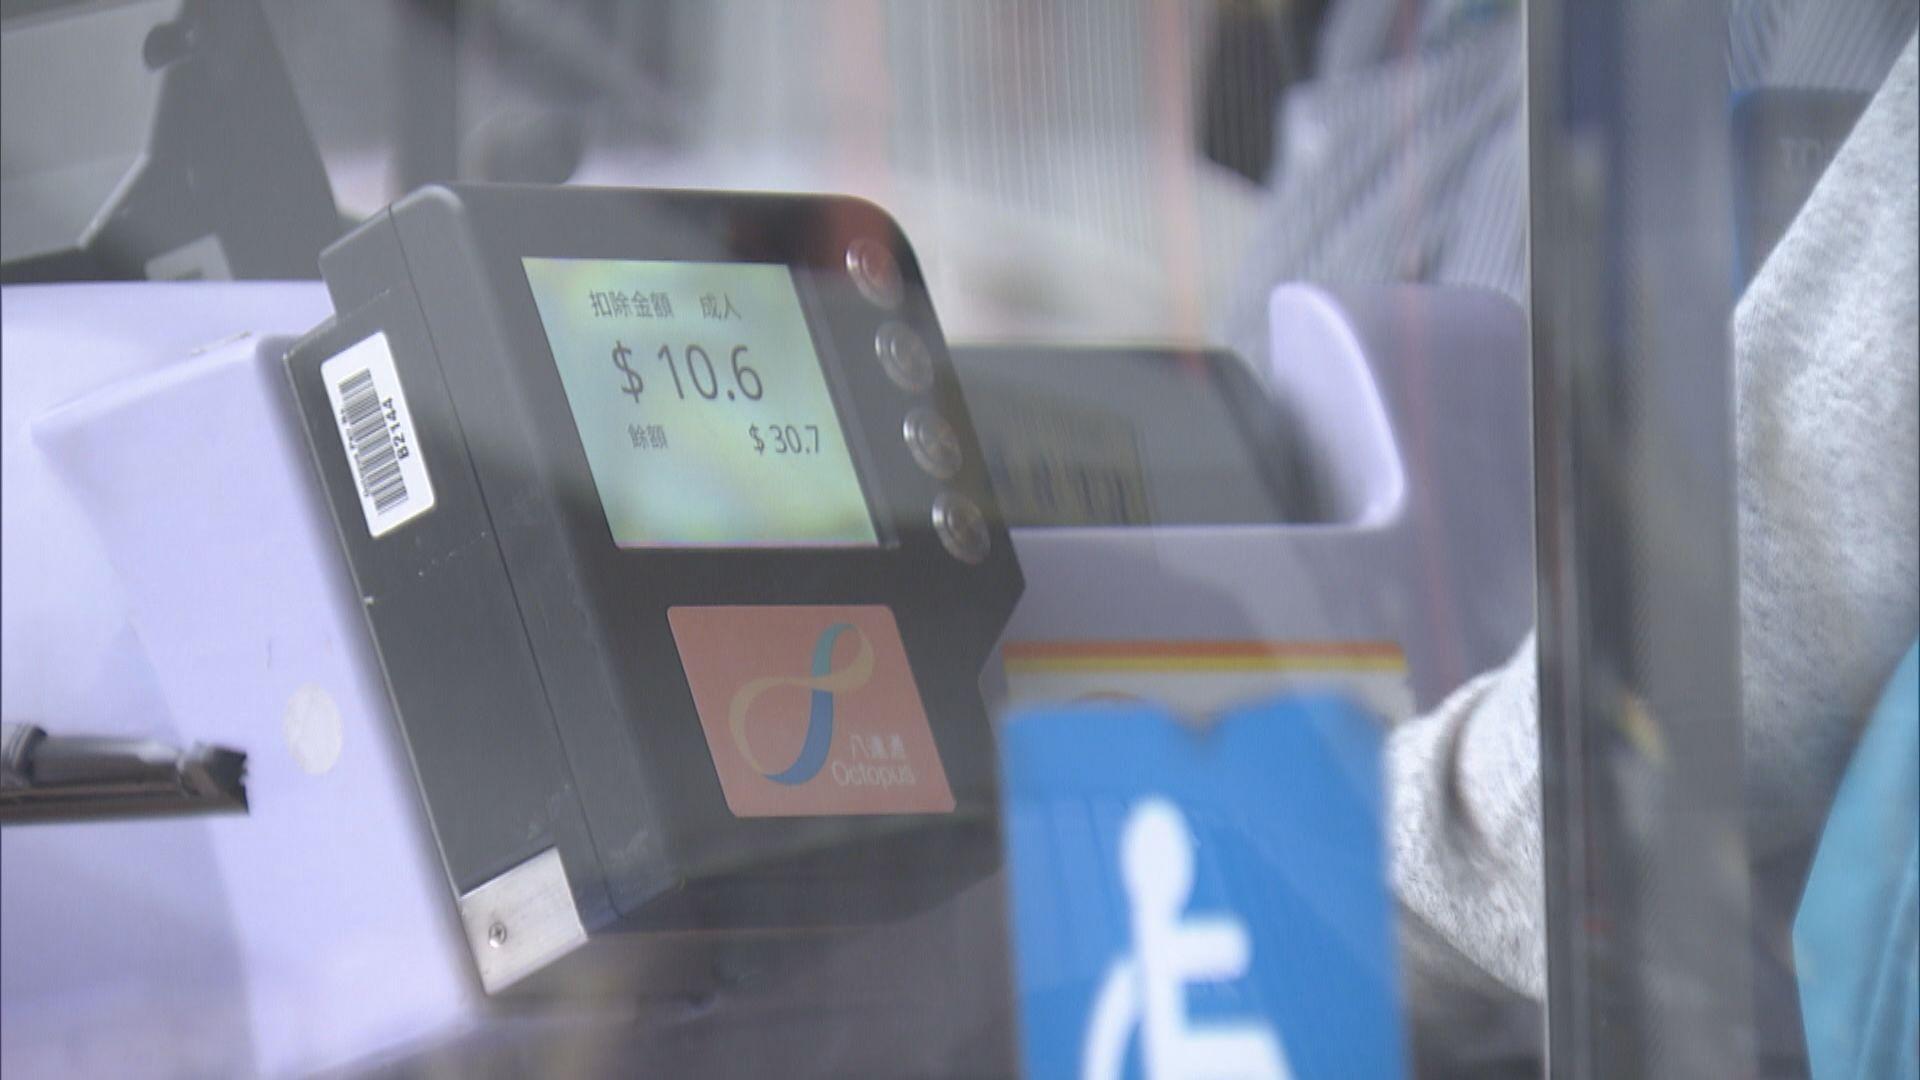 八達通:如市民用於消費券以外用途須自行增值